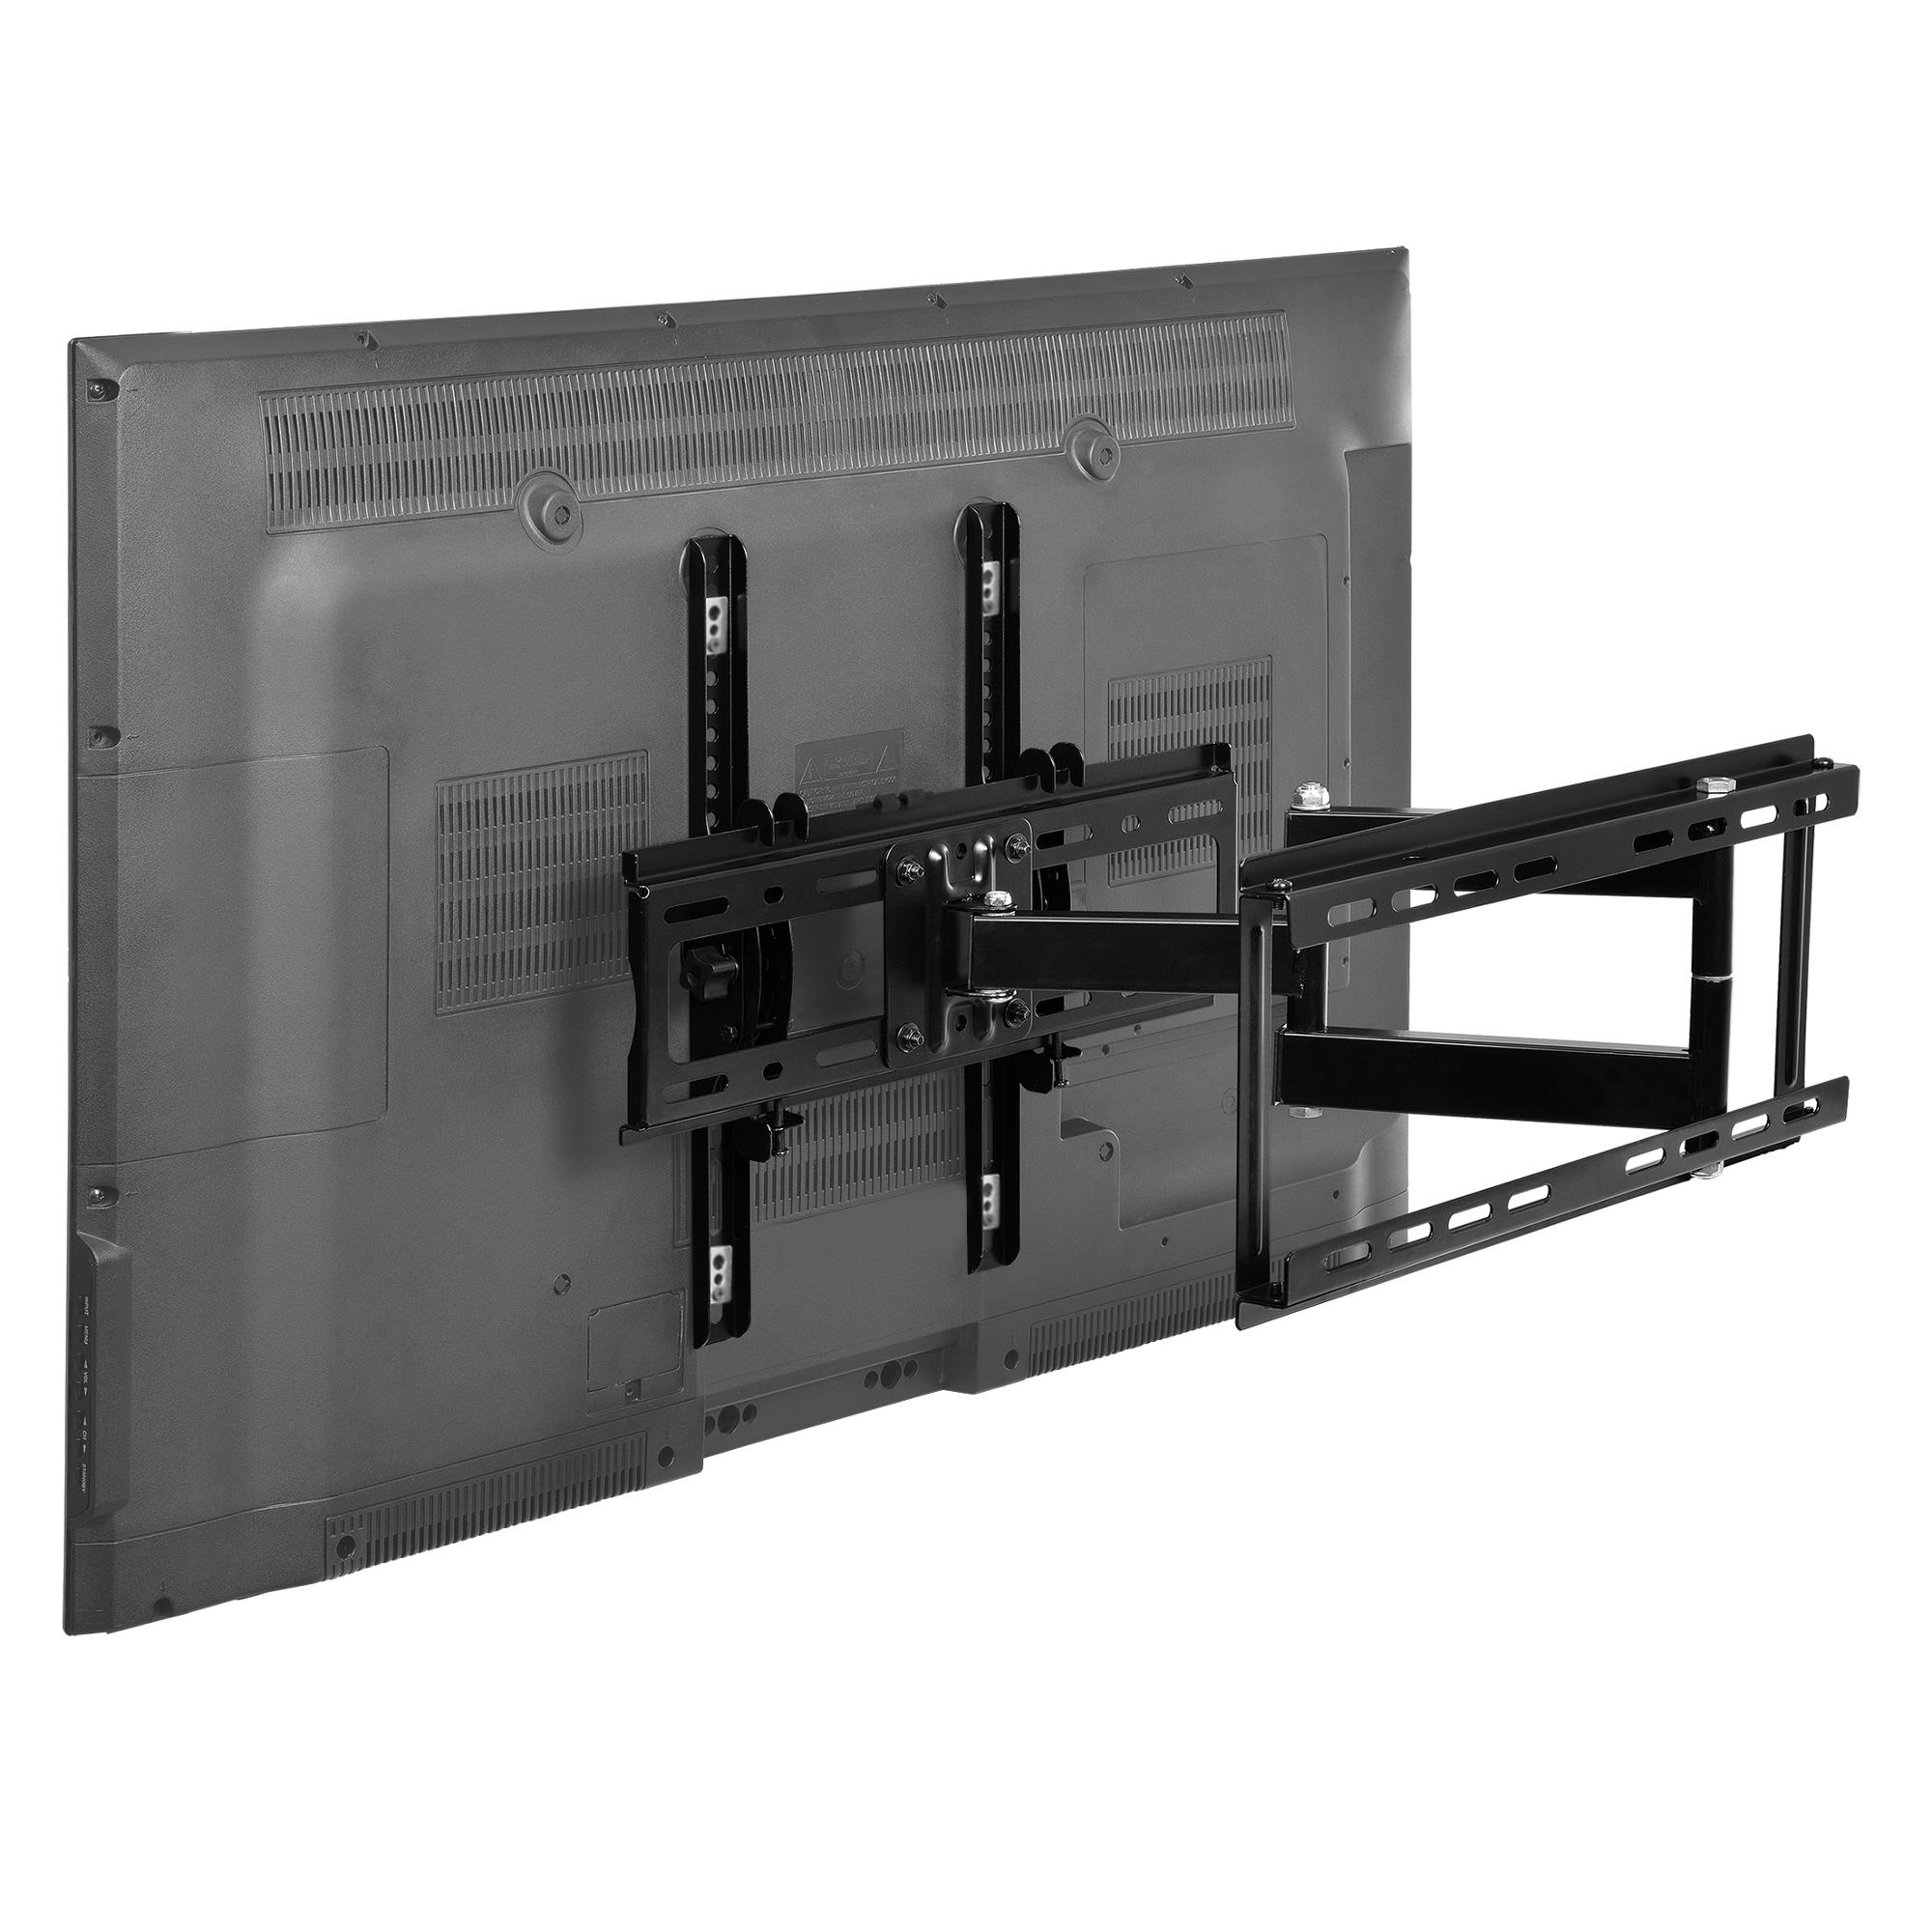 wandhalter lcd led tv fernseher wandhalterung halterung bildschirm ebay. Black Bedroom Furniture Sets. Home Design Ideas